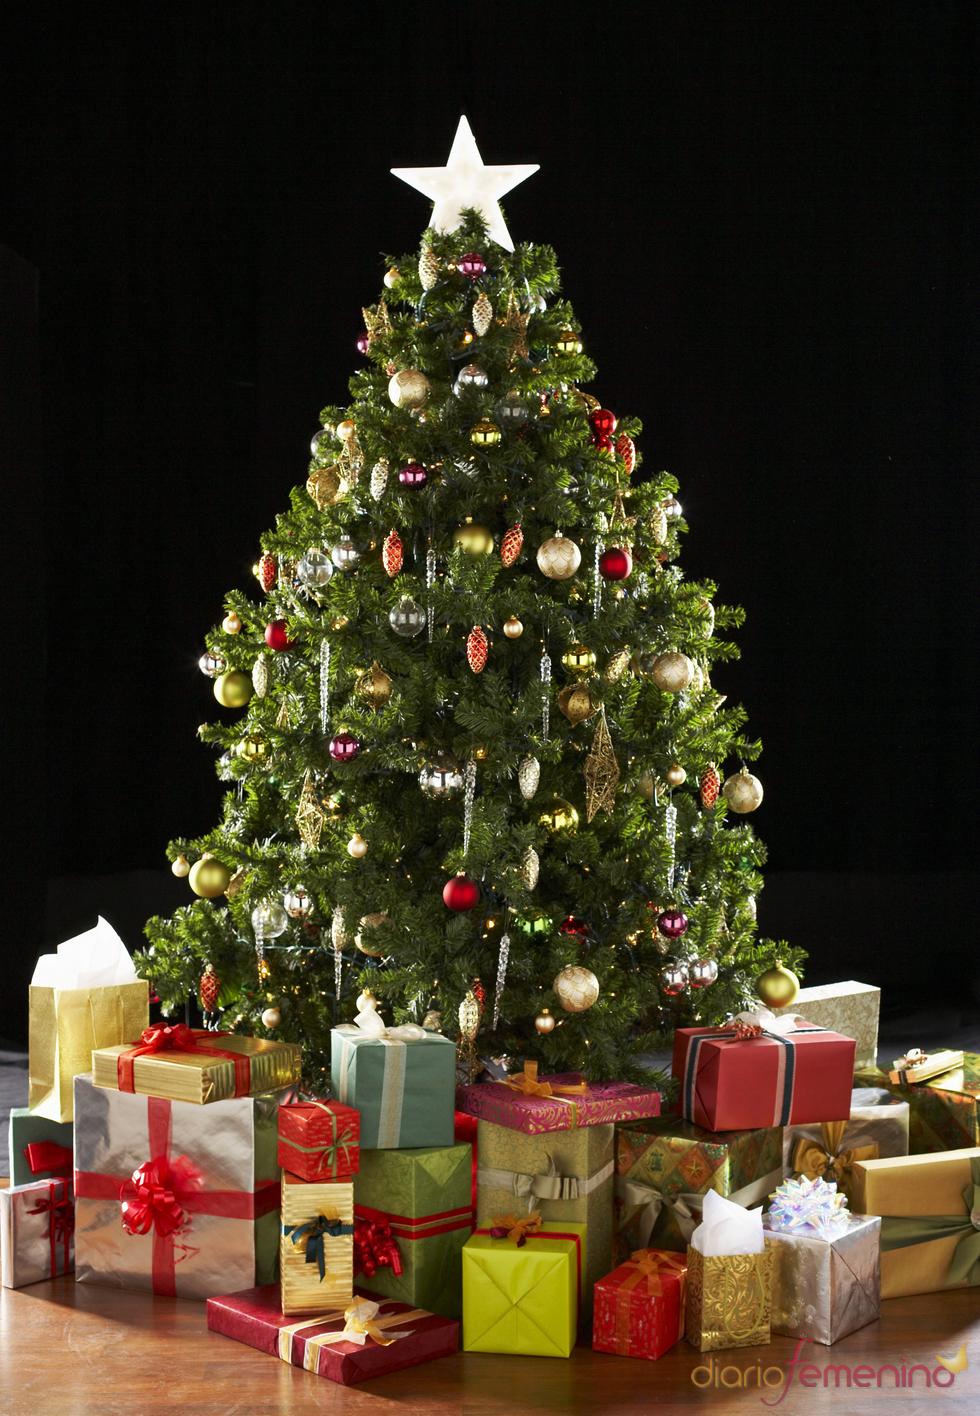 Ministerio joven ellen white y el rbol de navidad - Imagenes de arboles navidad decorados ...